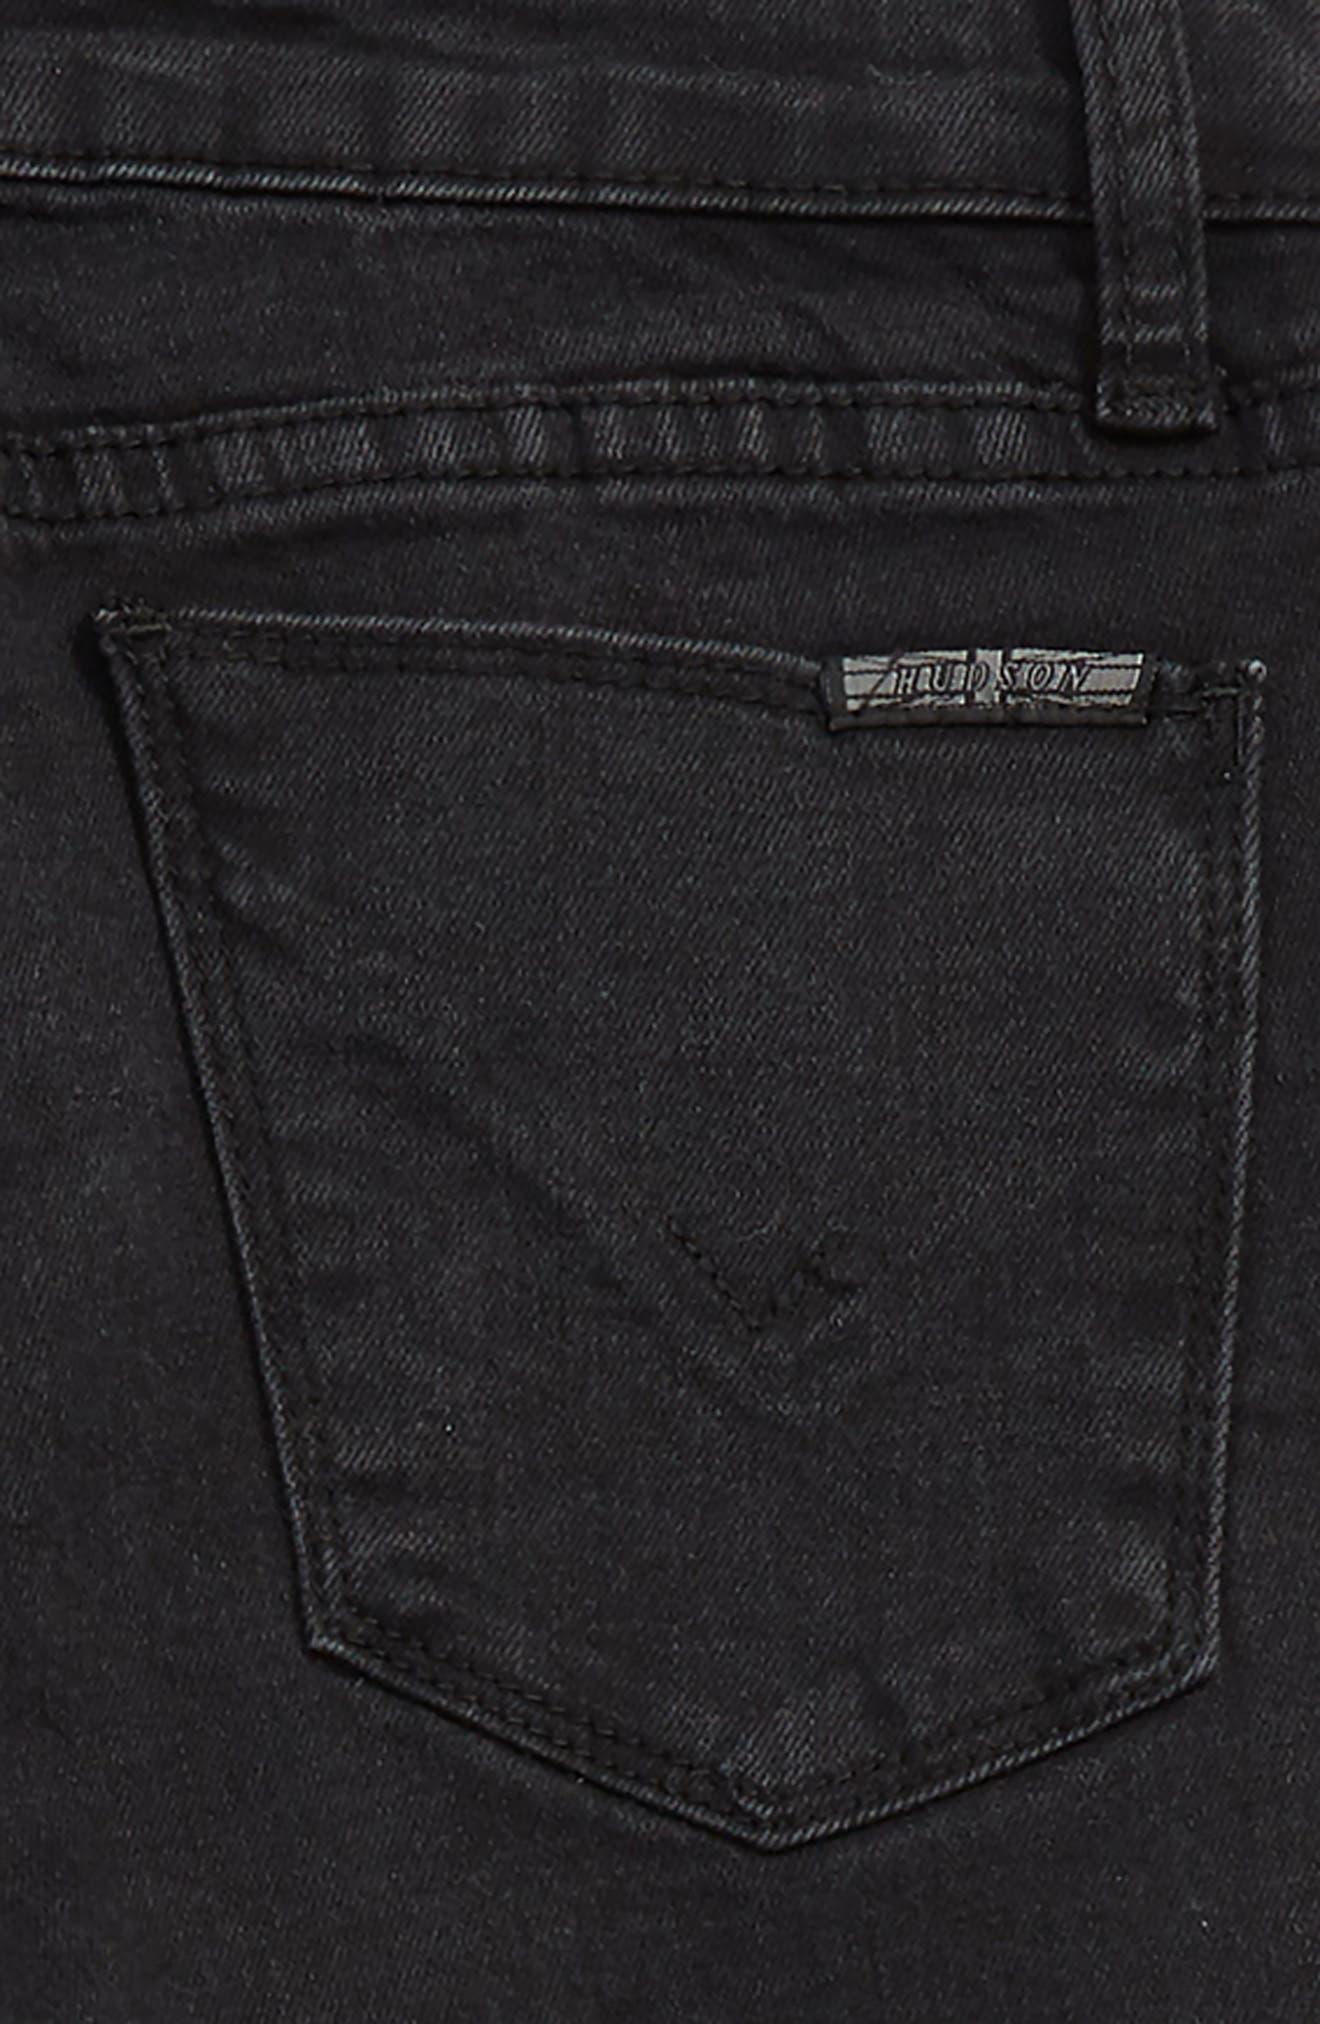 Jolene Star Skinny Jeans,                             Alternate thumbnail 3, color,                             017